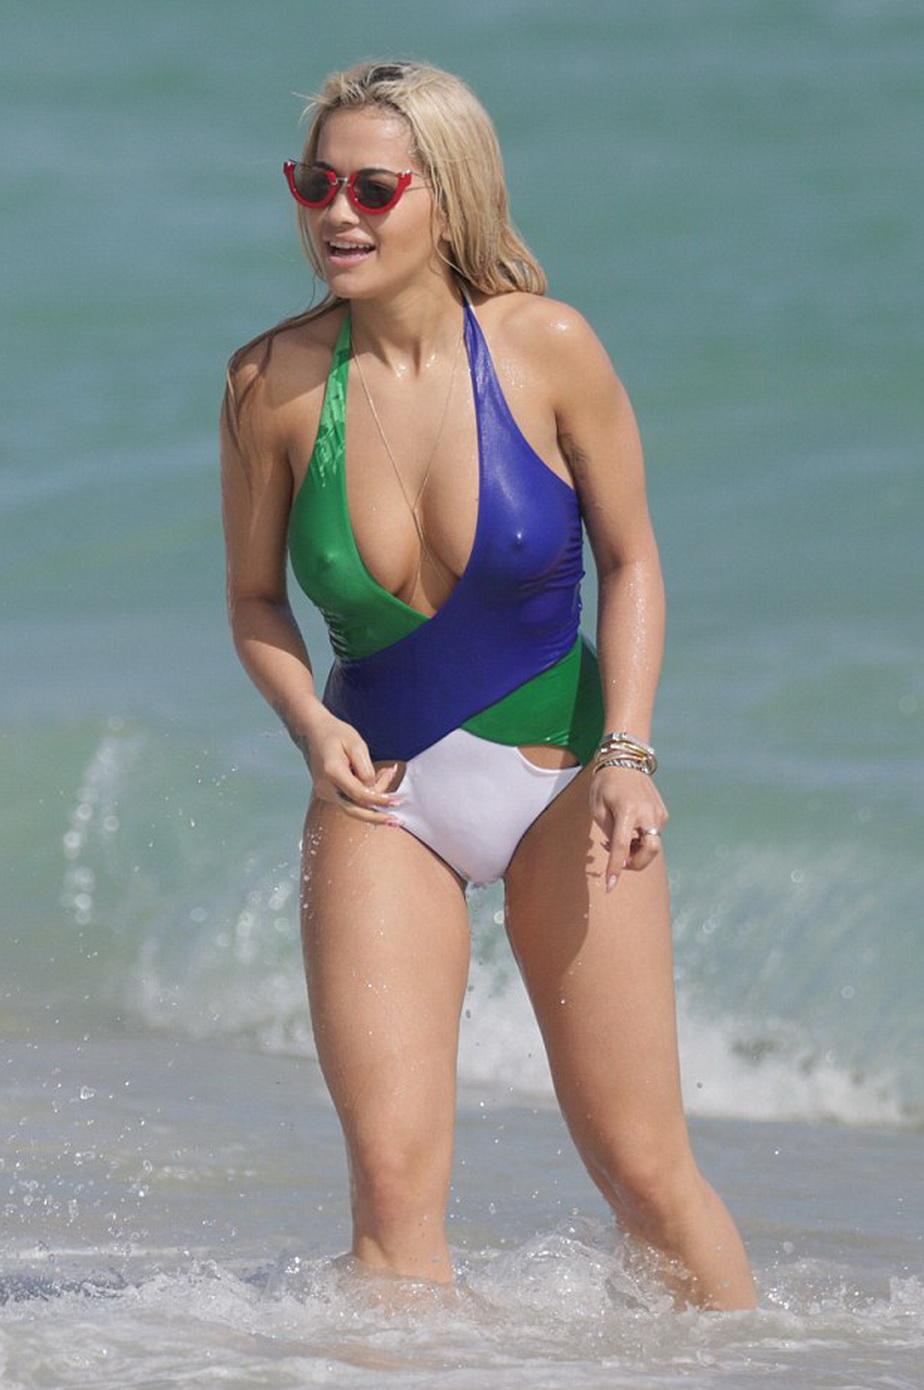 GALERIE FOTO » Rita Ora, spectacol super-hot la plajă!